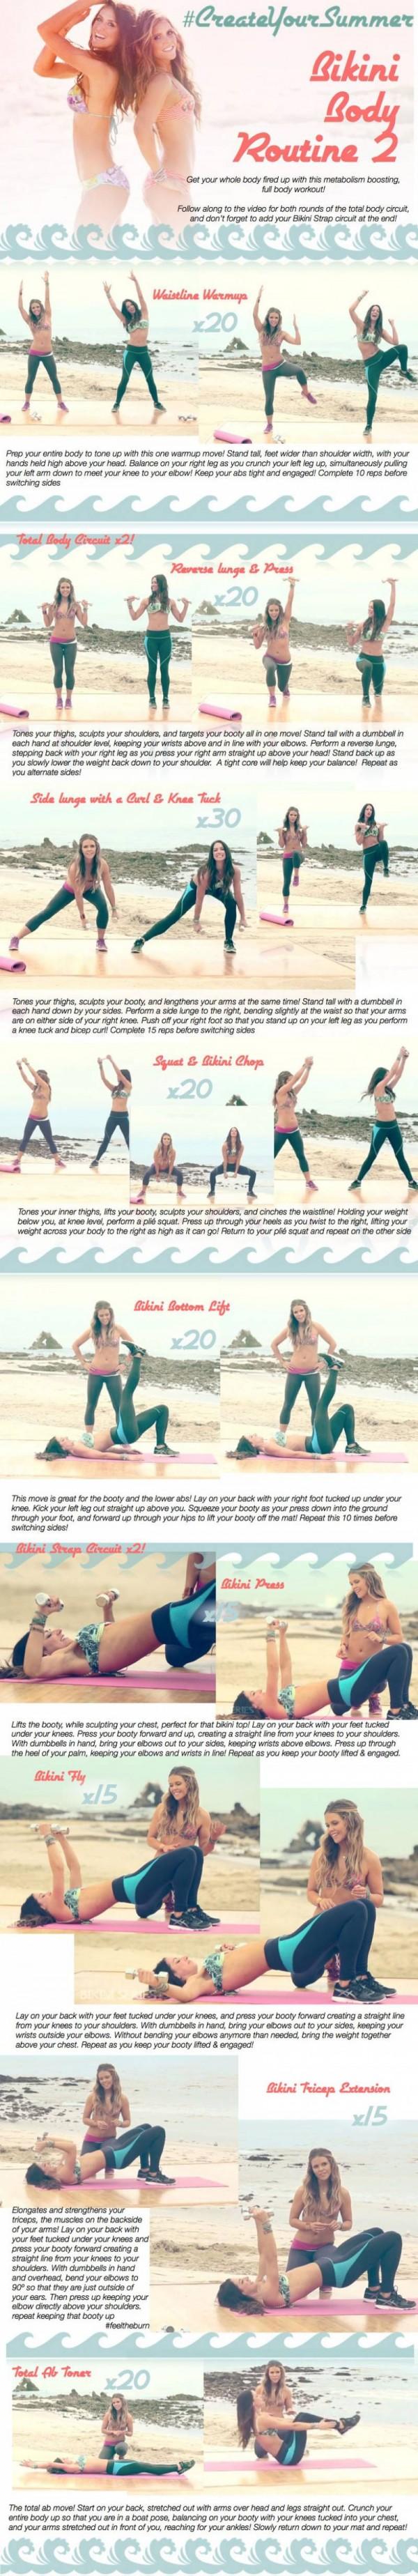 Bikini Body 2 Work Out